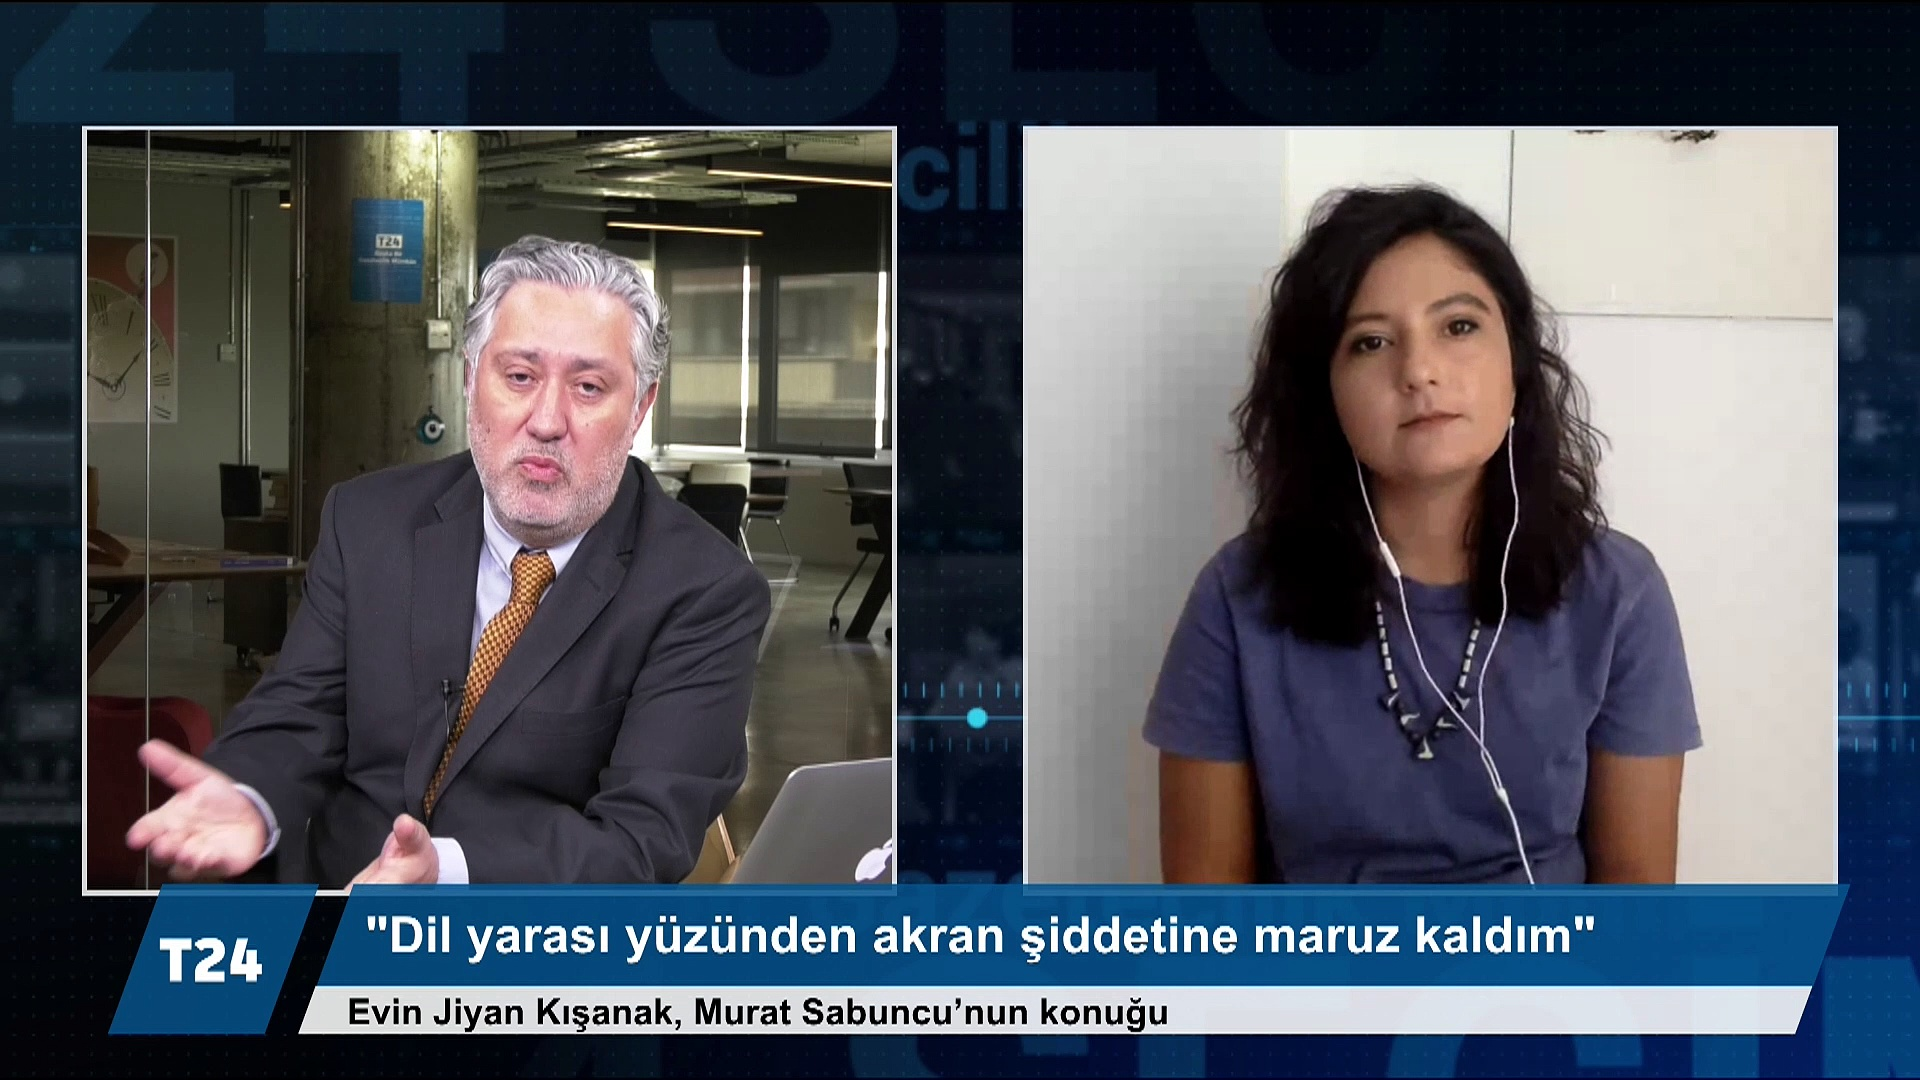 Evin Jiyan Kışanak: Dil yarası dediğimiz şey yüzünden çatışmalar yaşadım, akran şiddetine maruz kaldım